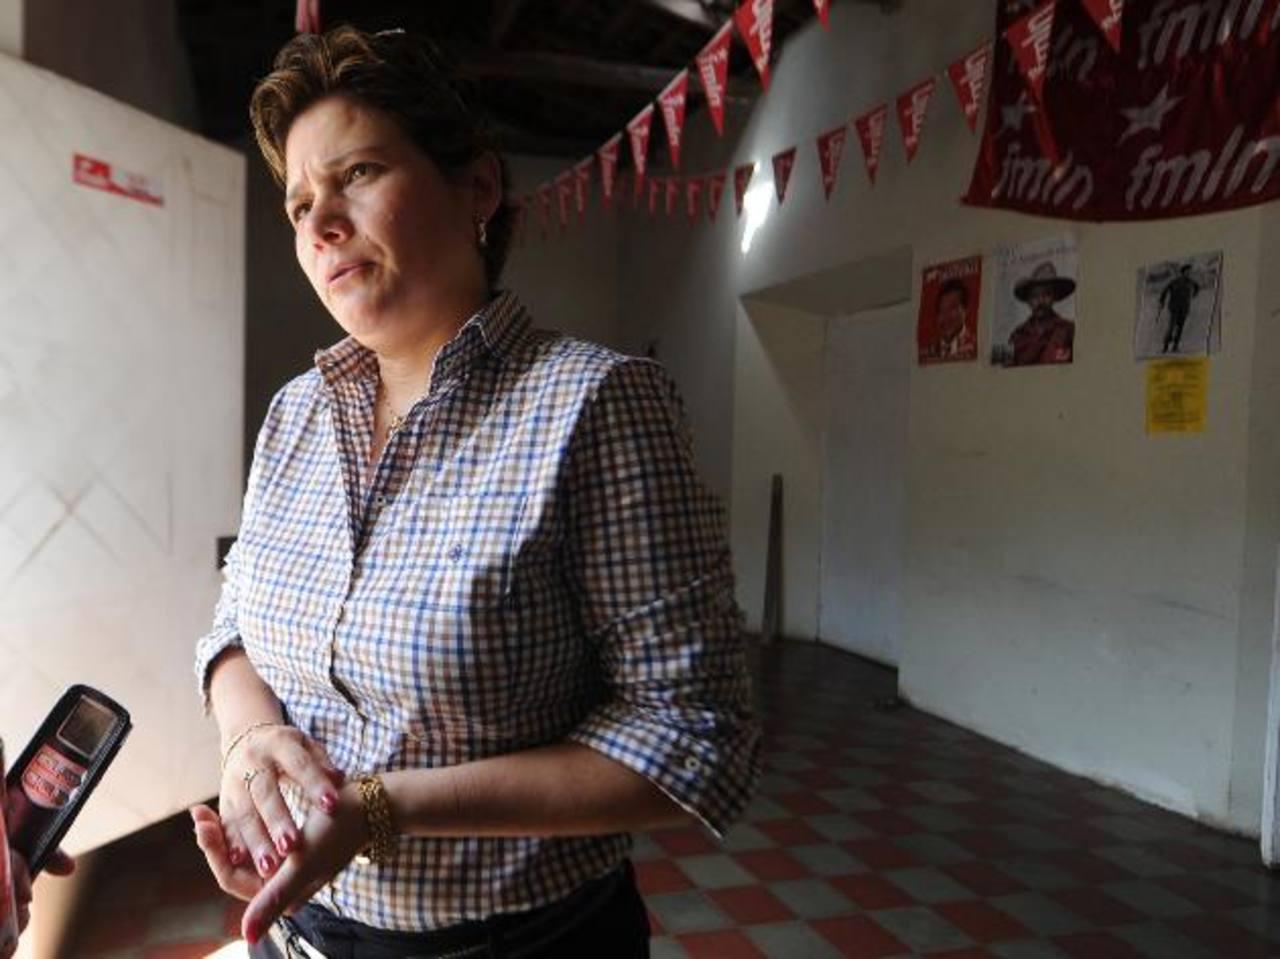 """Jackeline Rivera, del FMLN, sostuvo que esperan """"conquistar"""" el corazón de los salvadoreños al presentar las obras del gobierno actual como logros del partido de izquierda. foto edh / ARCHIVO"""